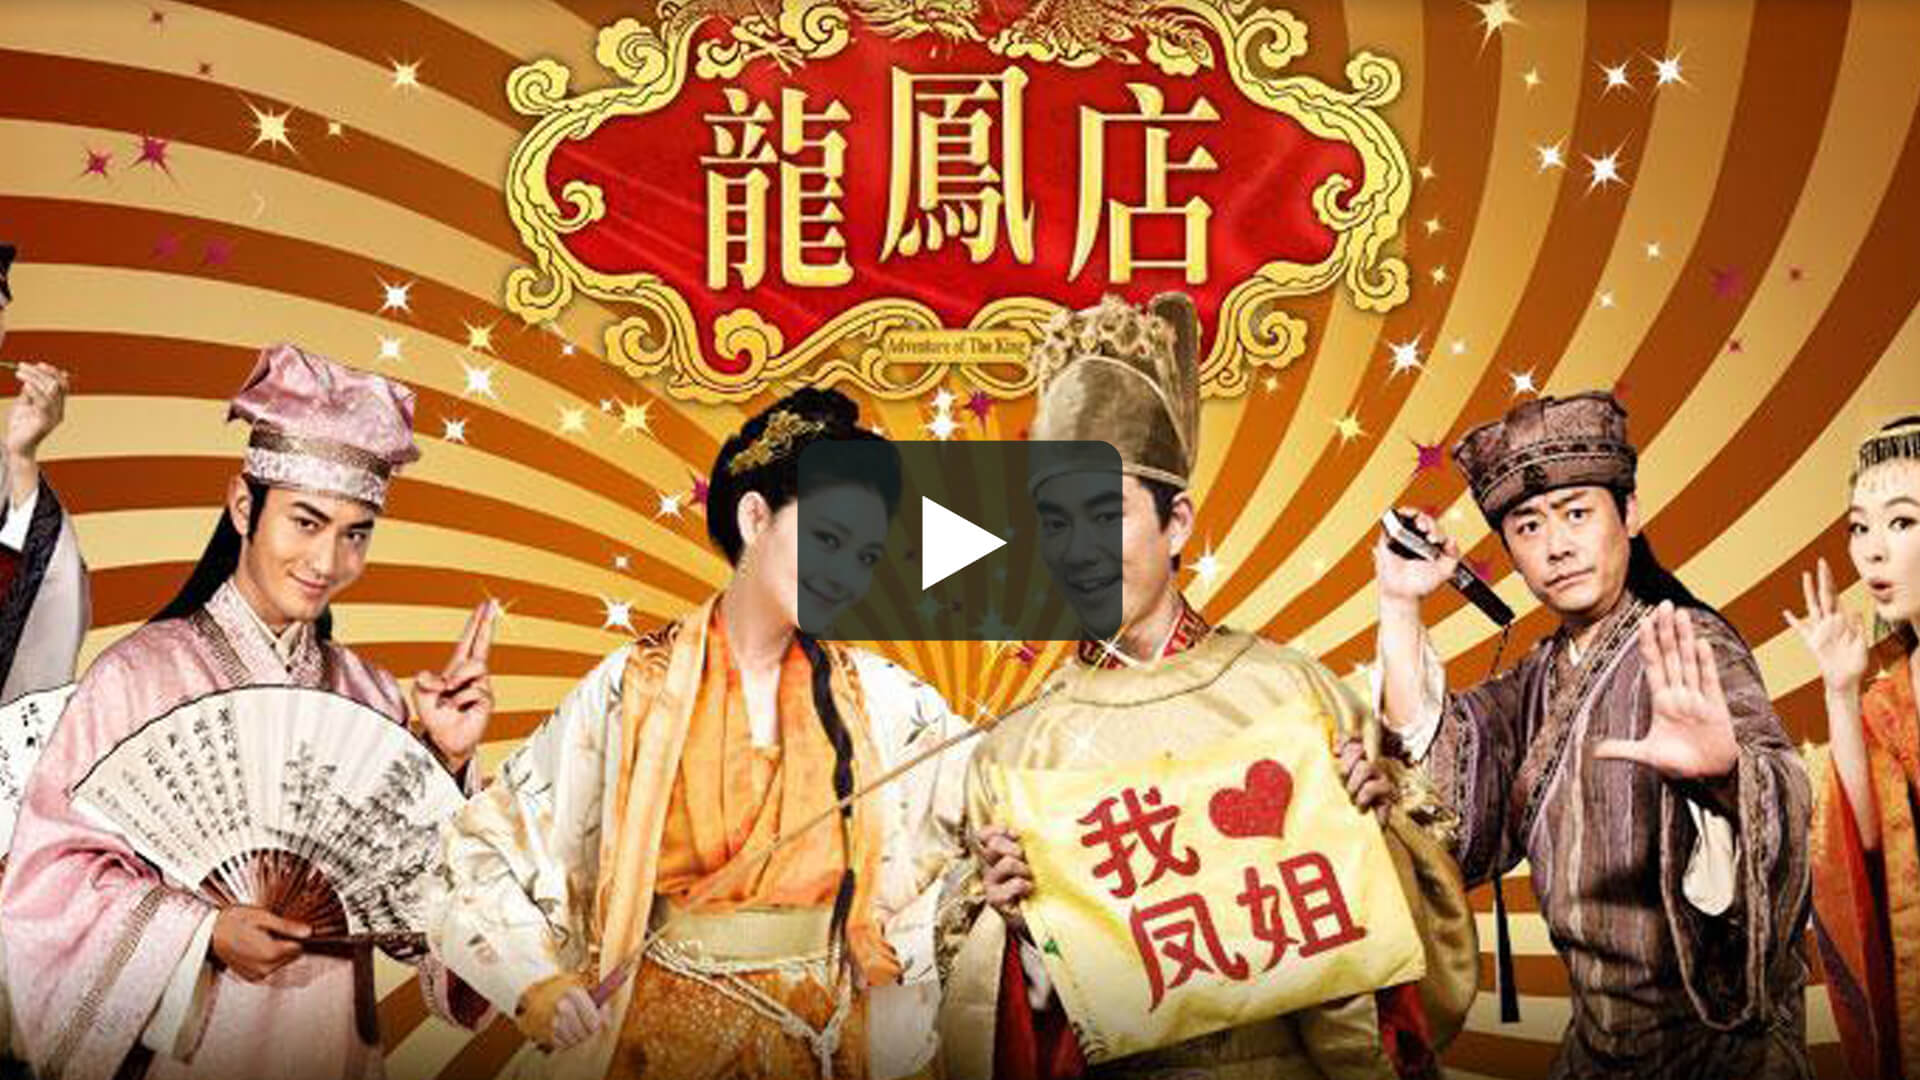 龍鳳店 - Adventure of The King